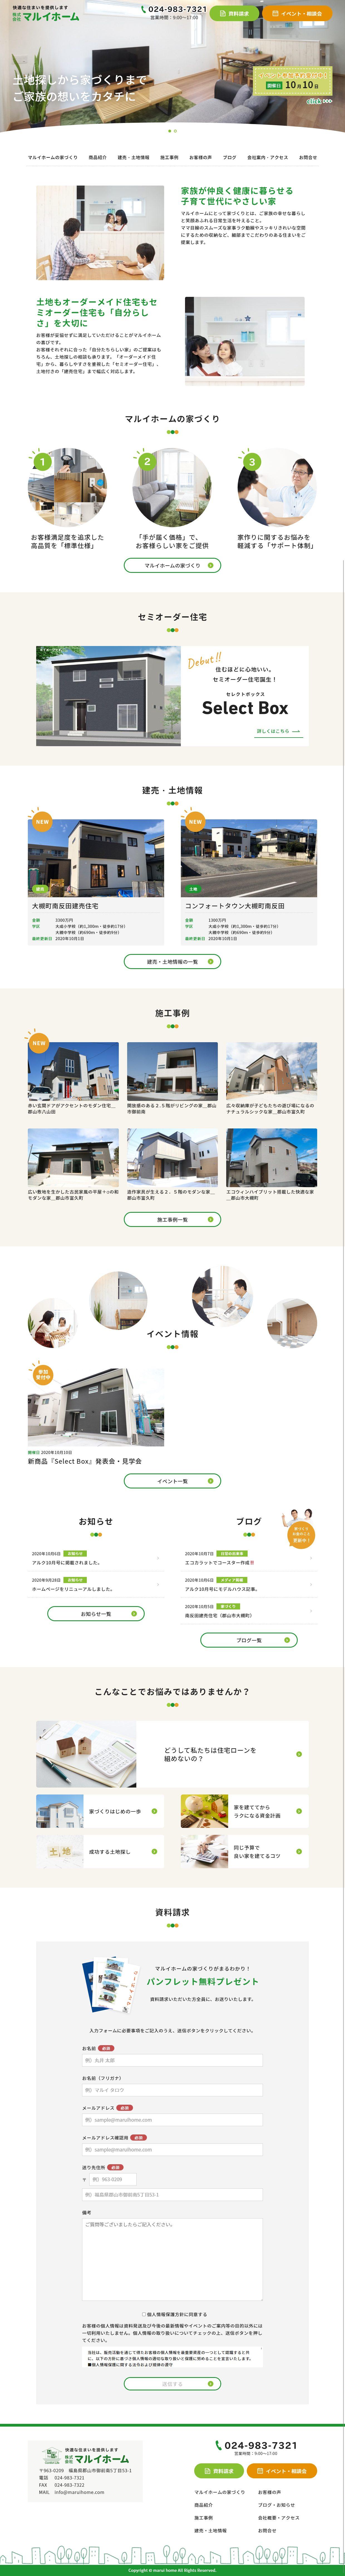 株式会社マルイホームの画像